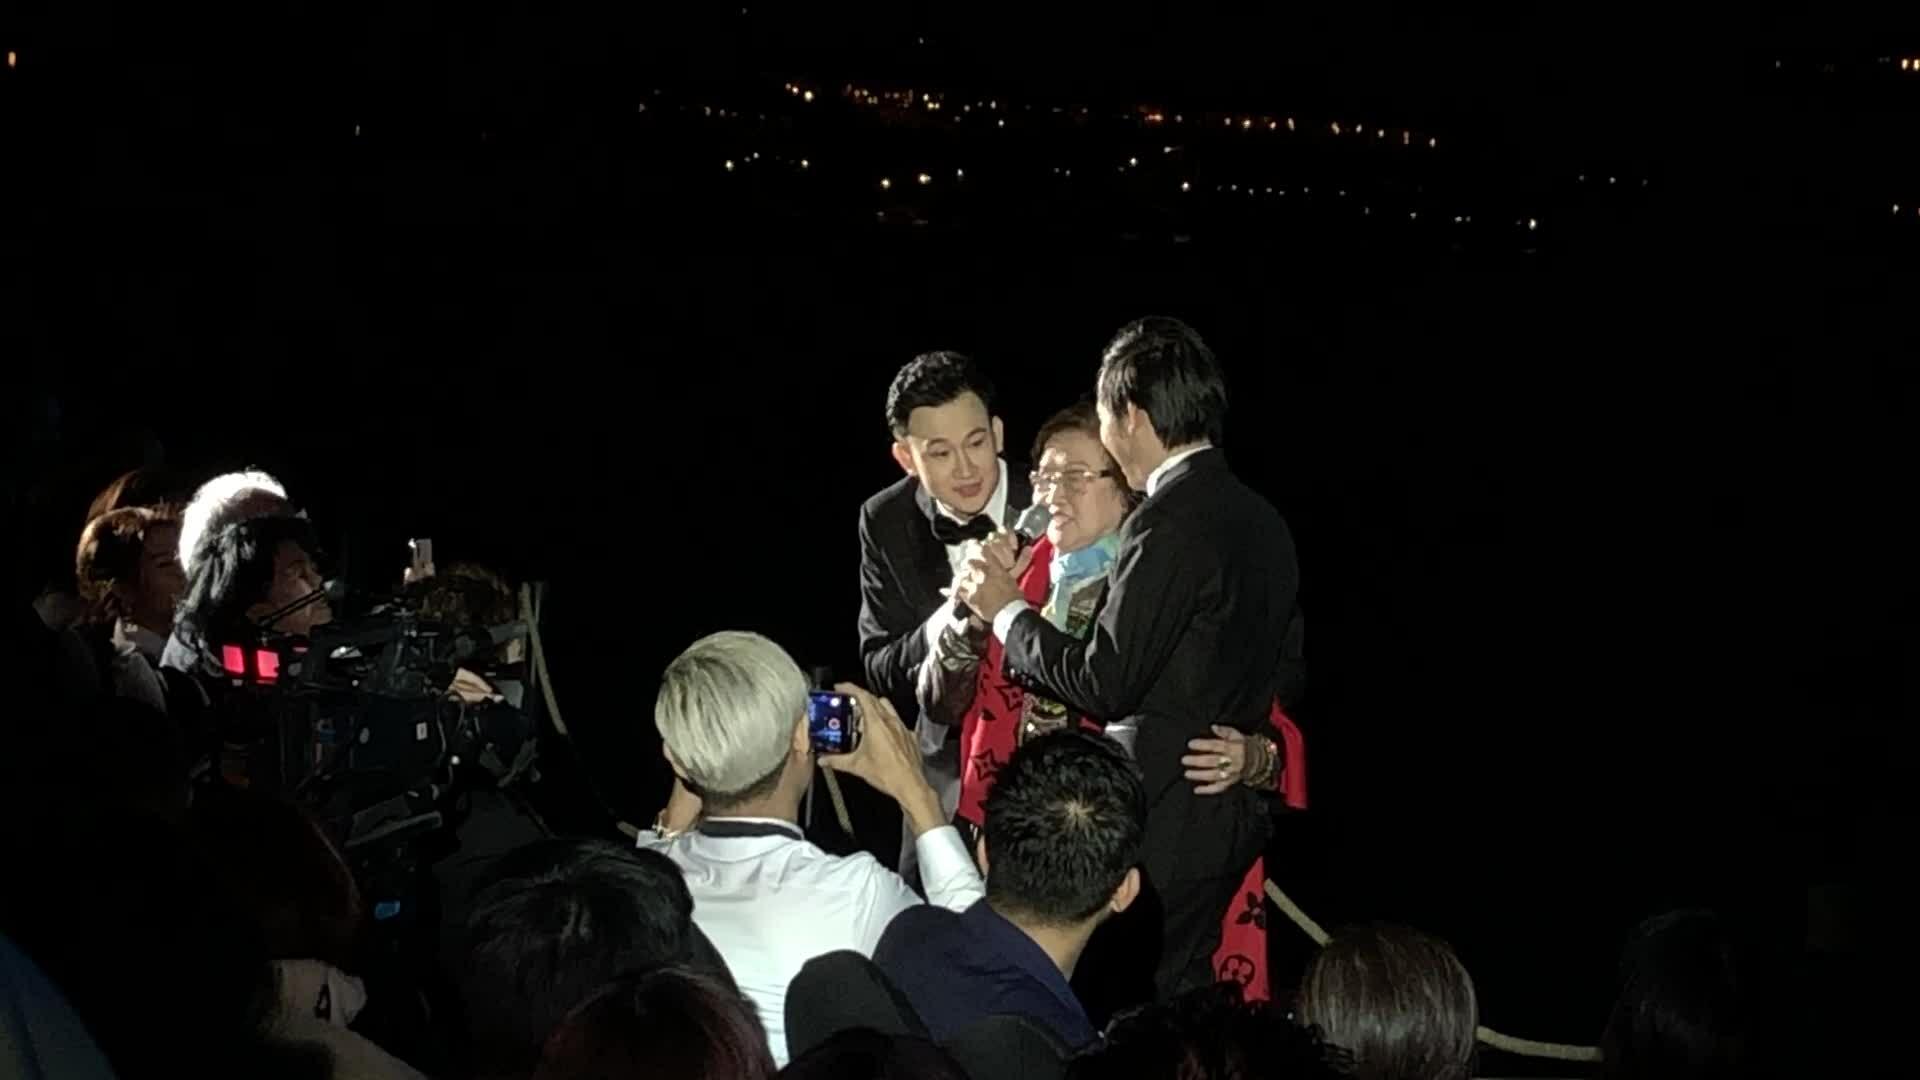 Hoài Linh, Dương Triệu Vũ hát cùng bố mẹ